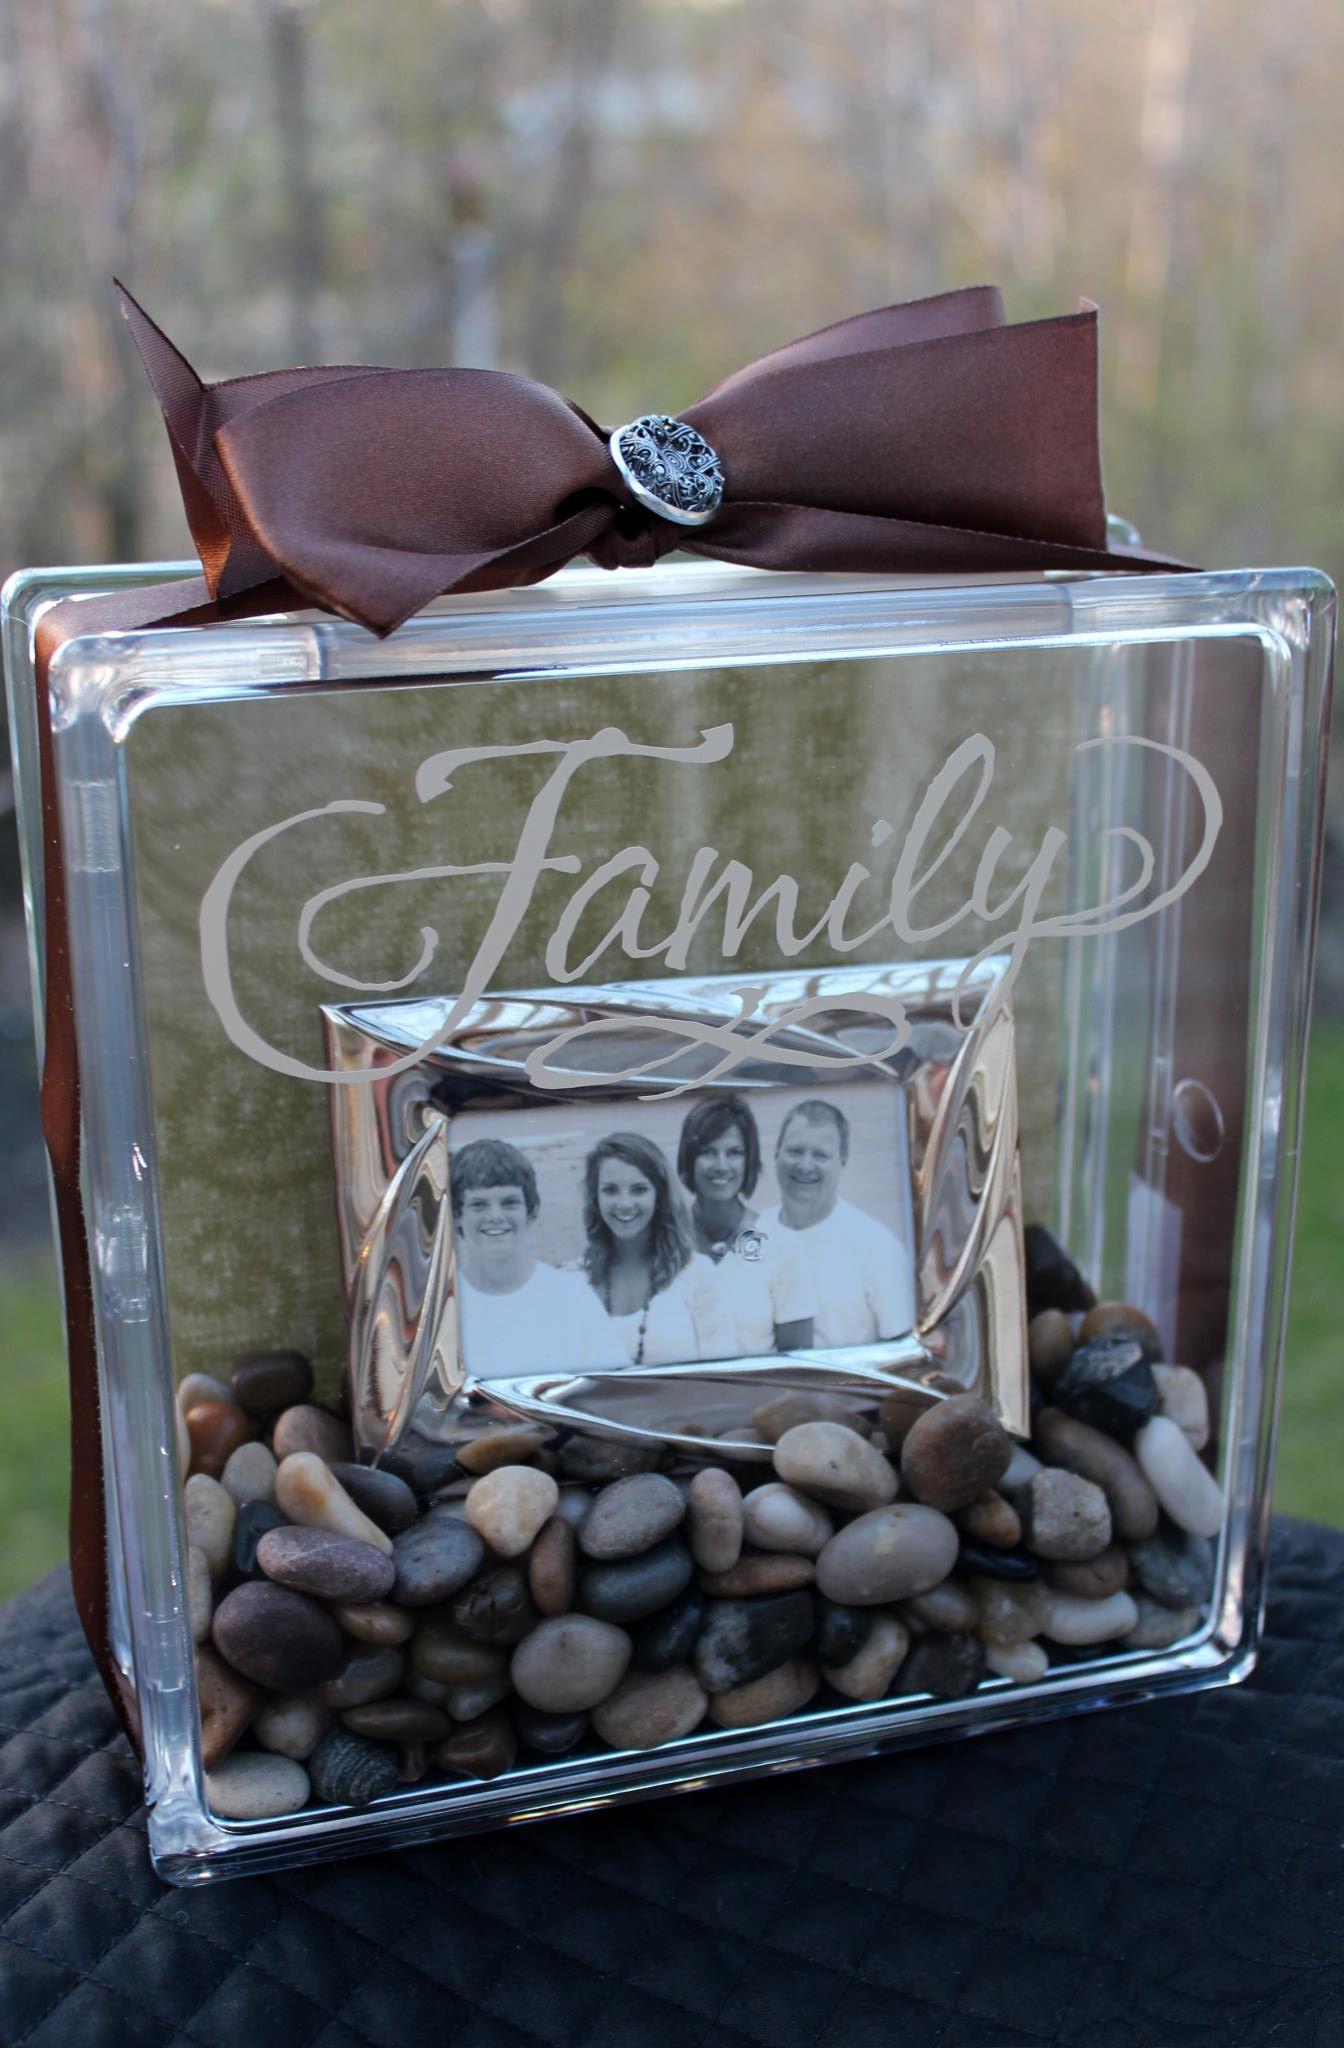 Glass block. Then add a cute 4x6 family picture. Super cute!!